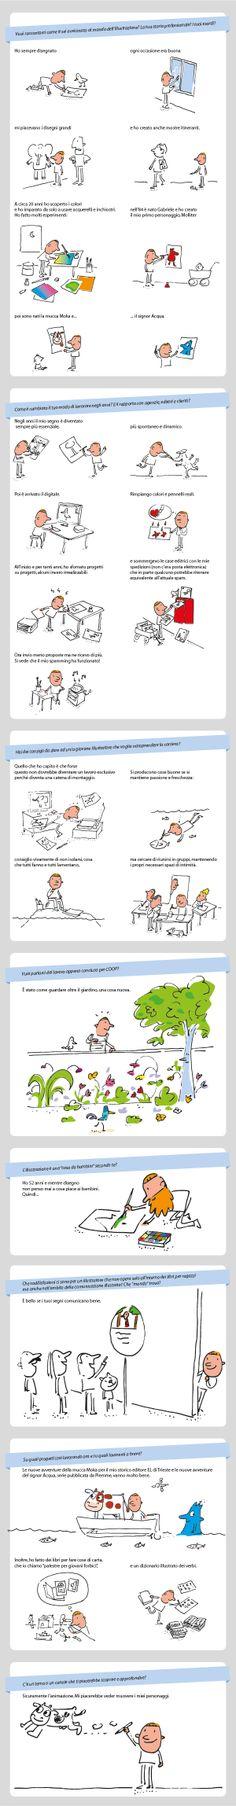 Agostino Traini http://www.comicom.it/comunicazione/2014/comicom-intervista-agostino-traini-e-lui-risponde-con-delle-illustrazioni.html